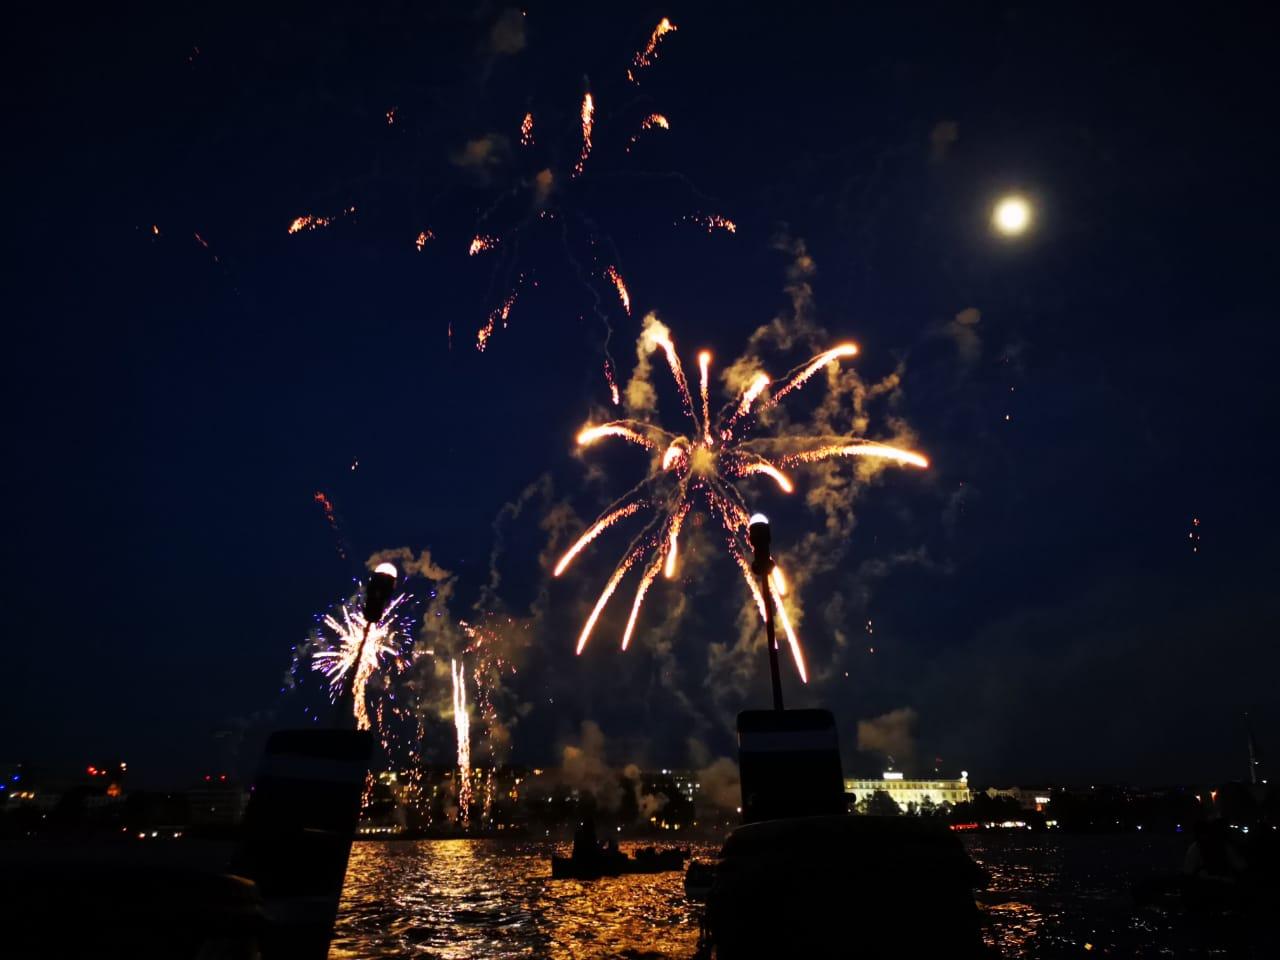 Feuerwerk auf der Alster vom Drachenboot aus